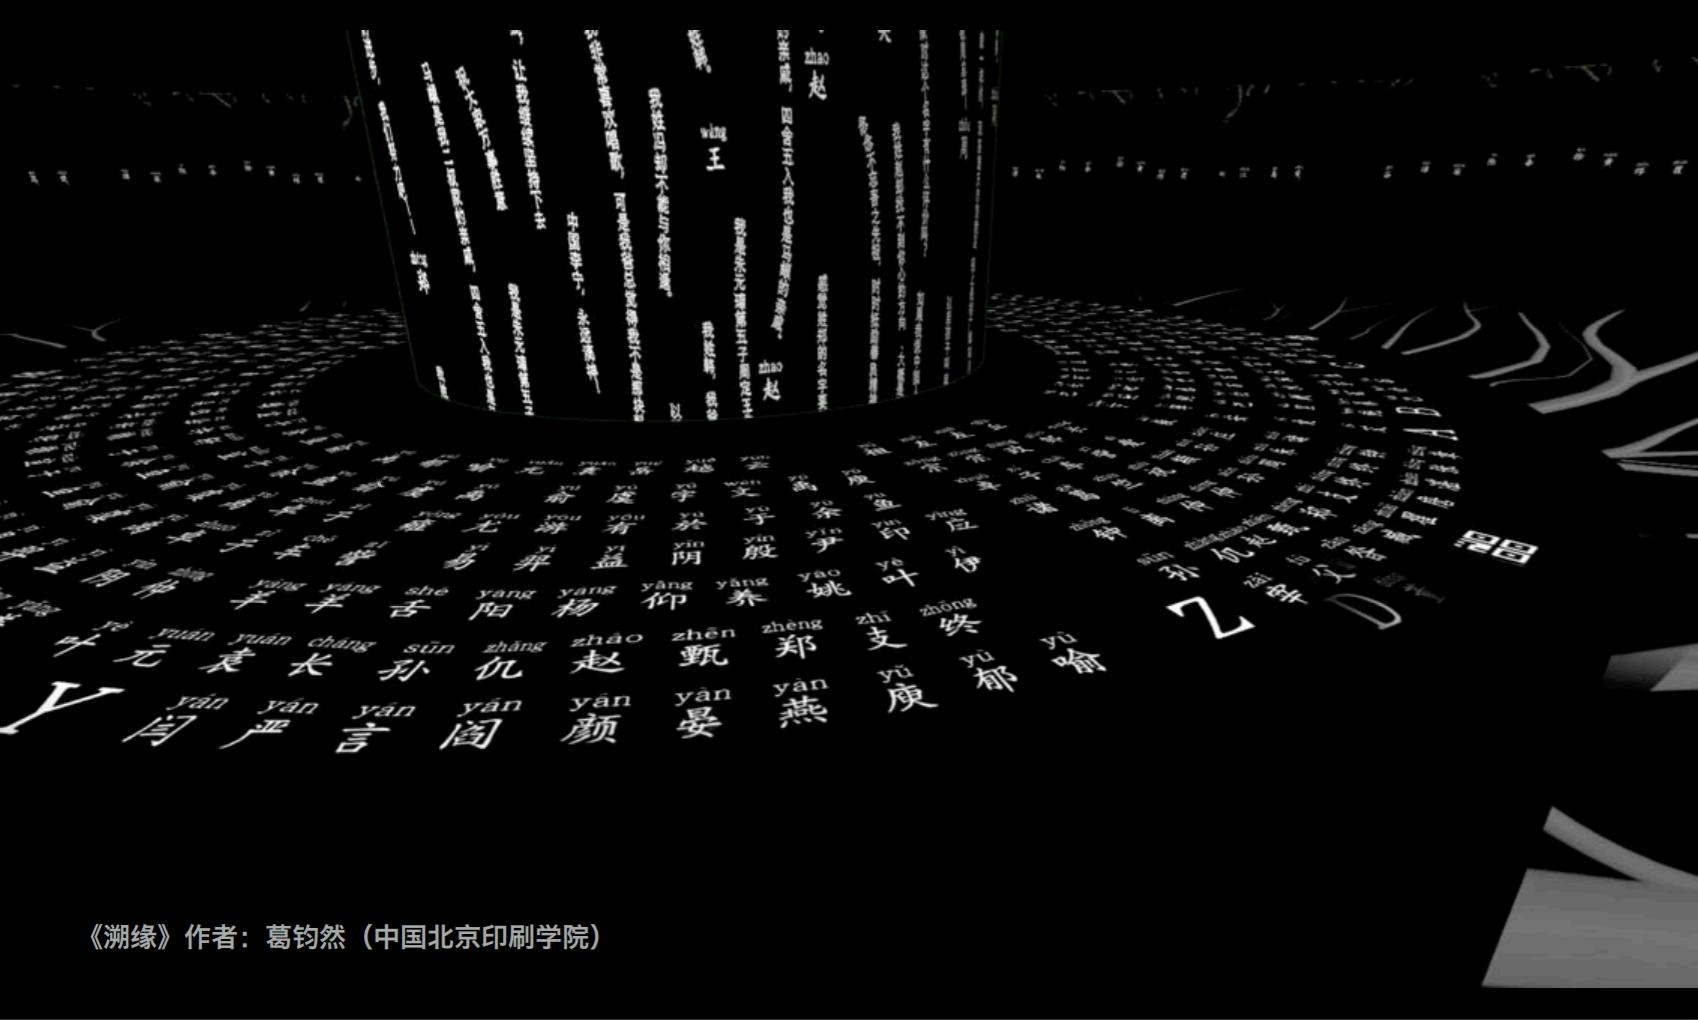 智慧之環《設計未來》展 解構現代藝術與未來科技-中國網地産